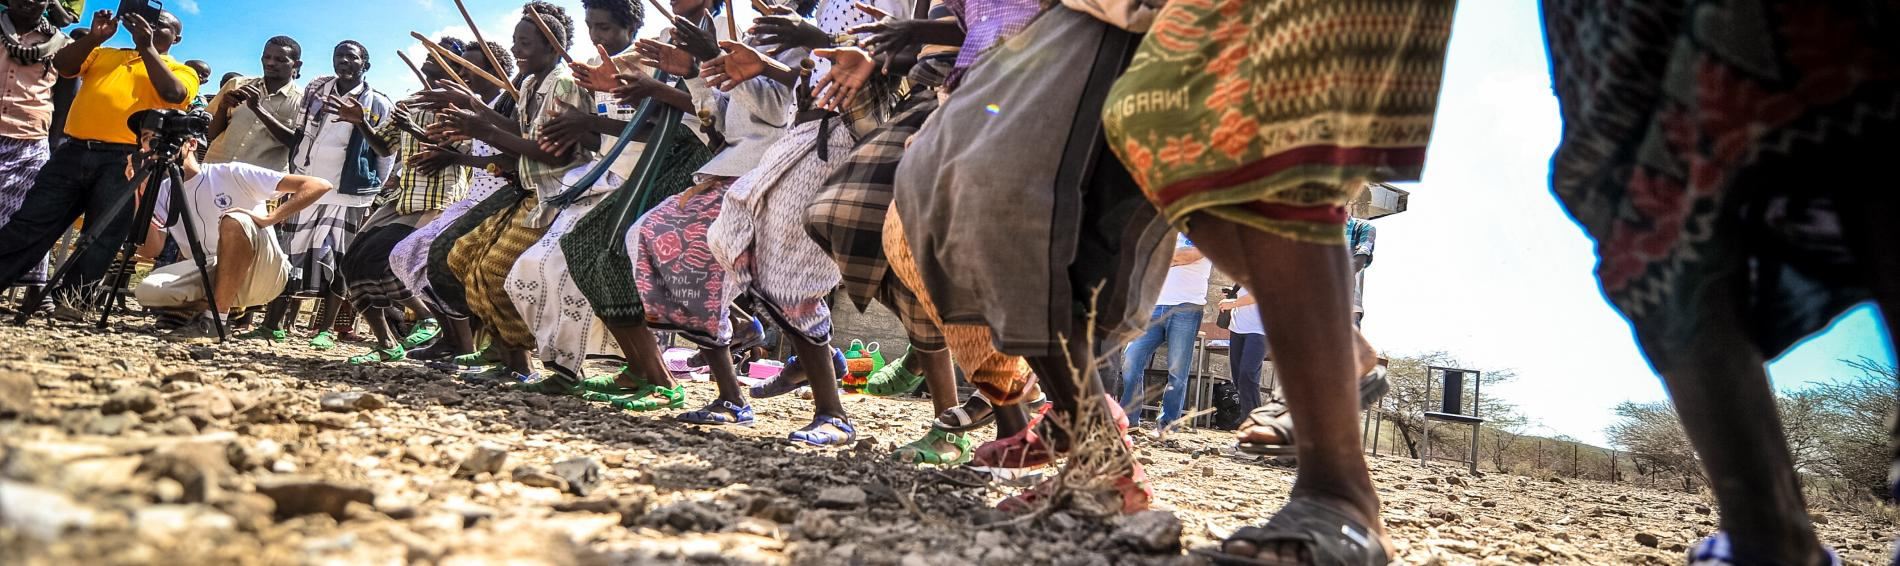 Feier in Äthiopien. Foto: Ärzte der Welt